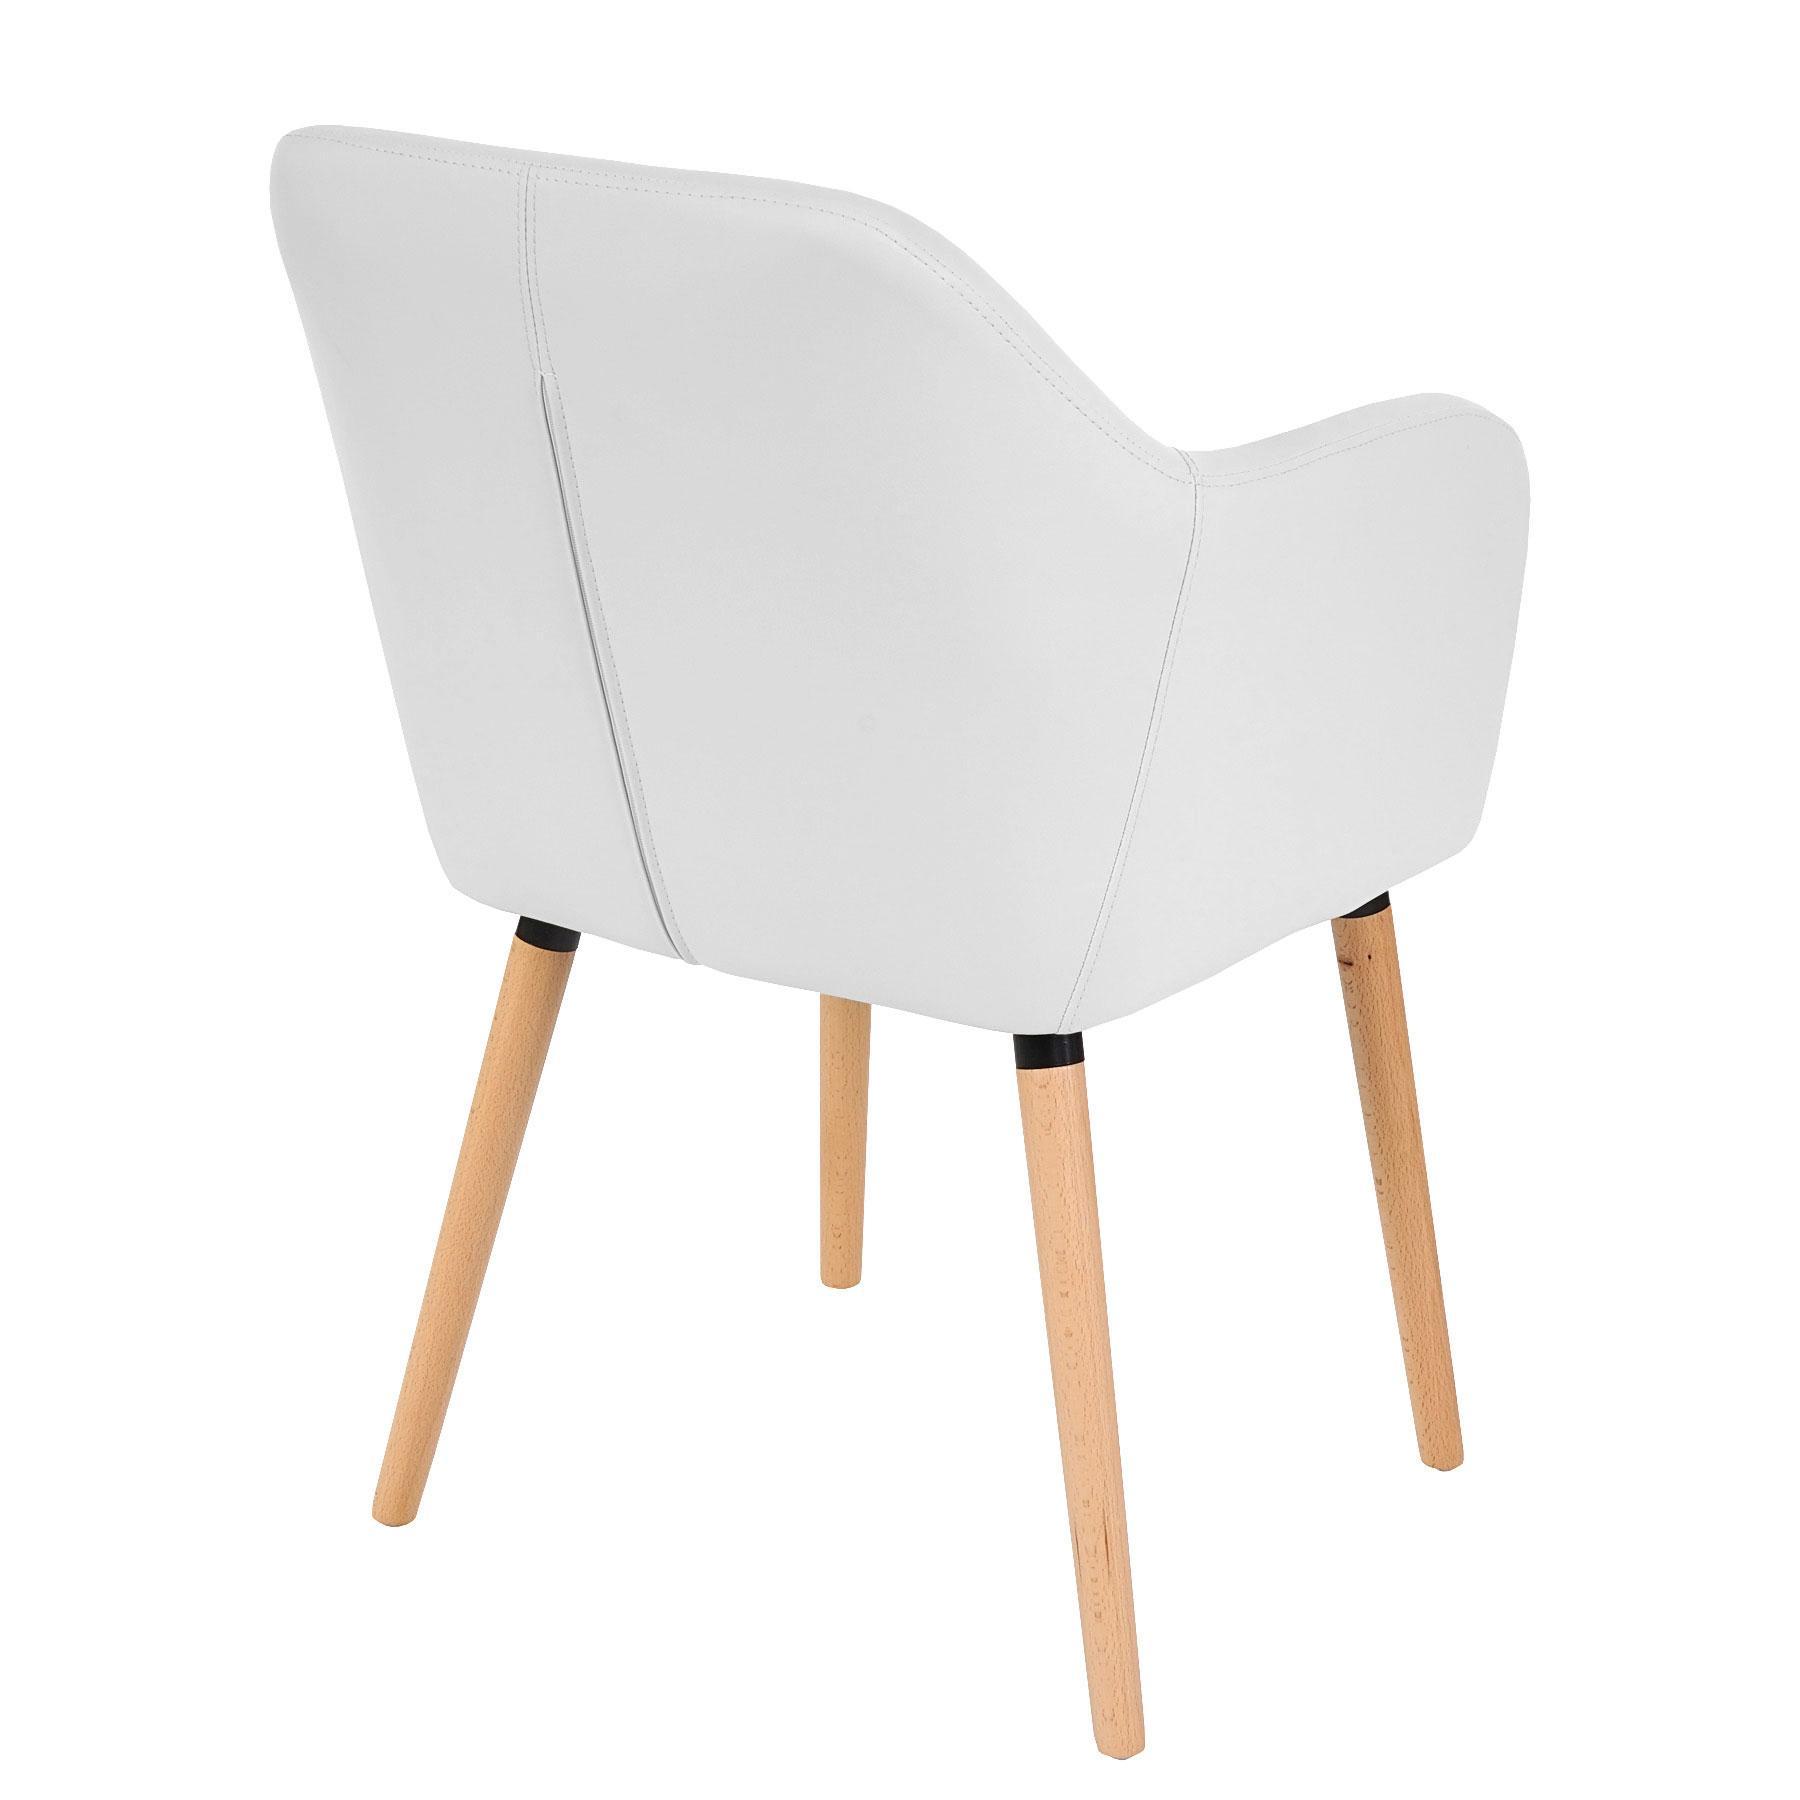 Lote de 6 sillas de comedor tulio tapizadas en piel color for Silla blanca patas madera ikea